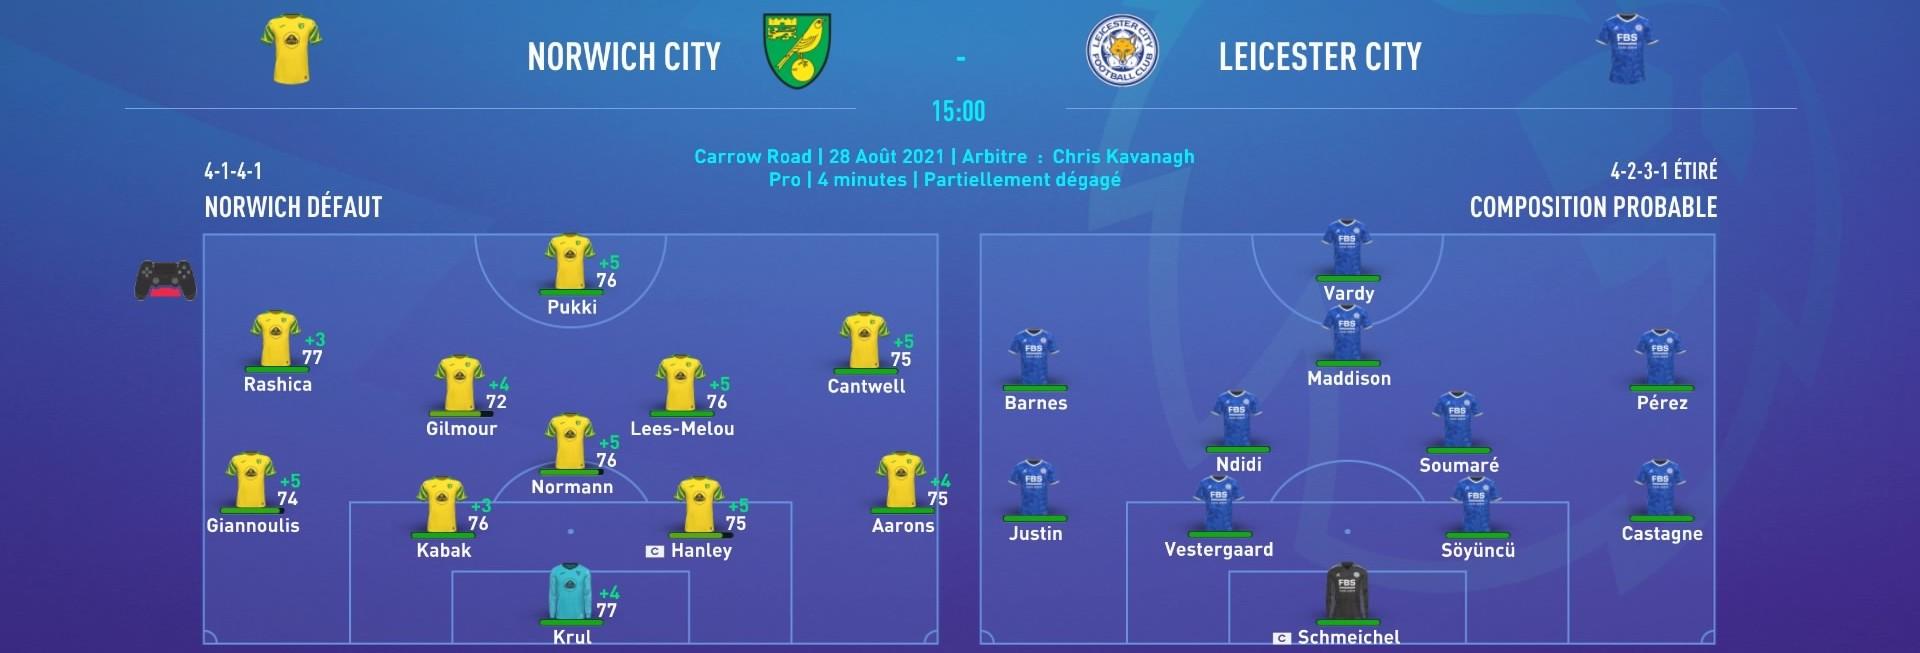 [FIFA 22] Story | Les Canaries à l'aube d'une nouvelle ère Fifa_252